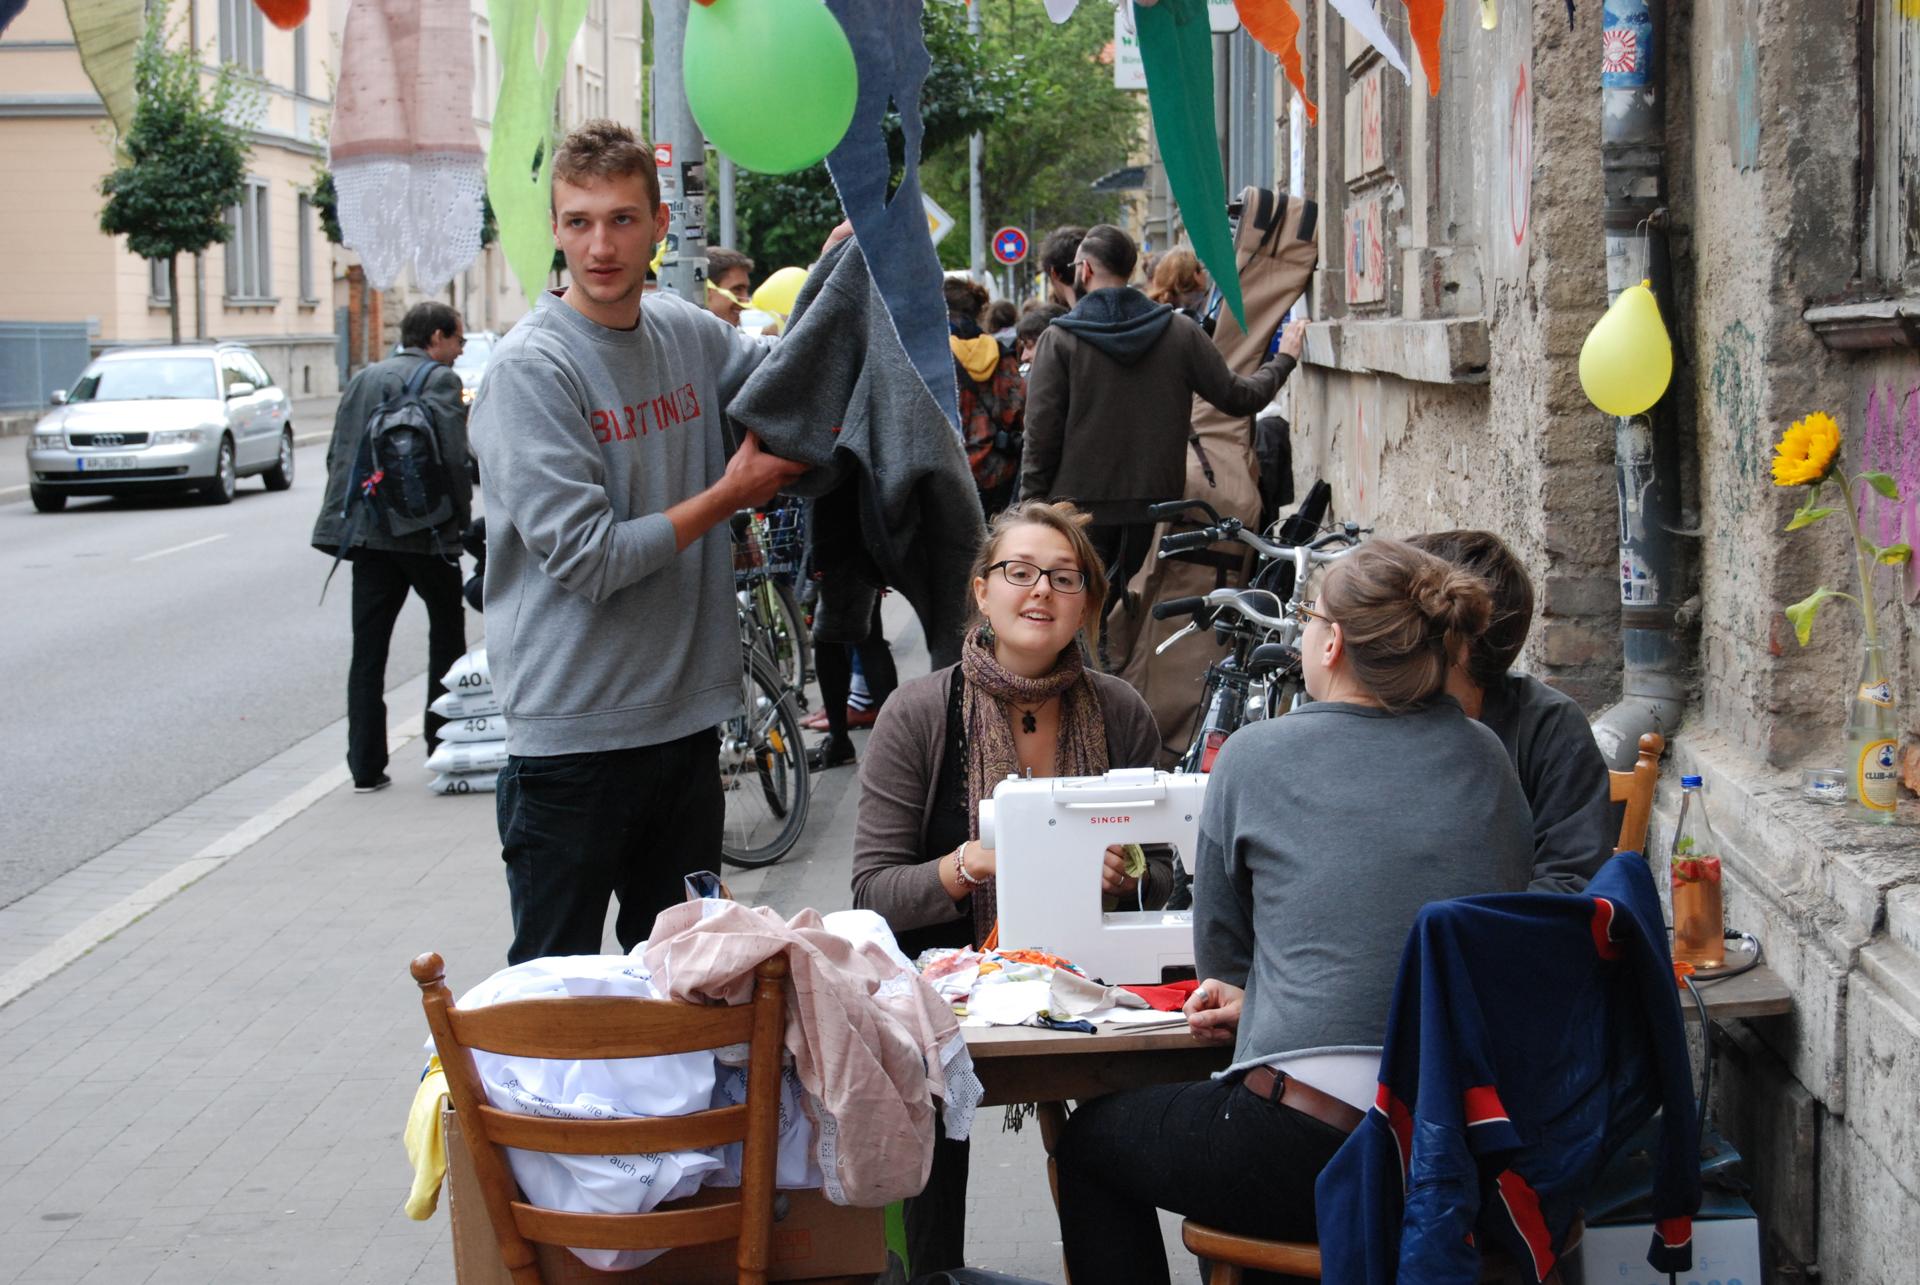 (Mehrzweckräume. Ein Straßenfest für die Trierer Straße – Kollektiv Raumstation)